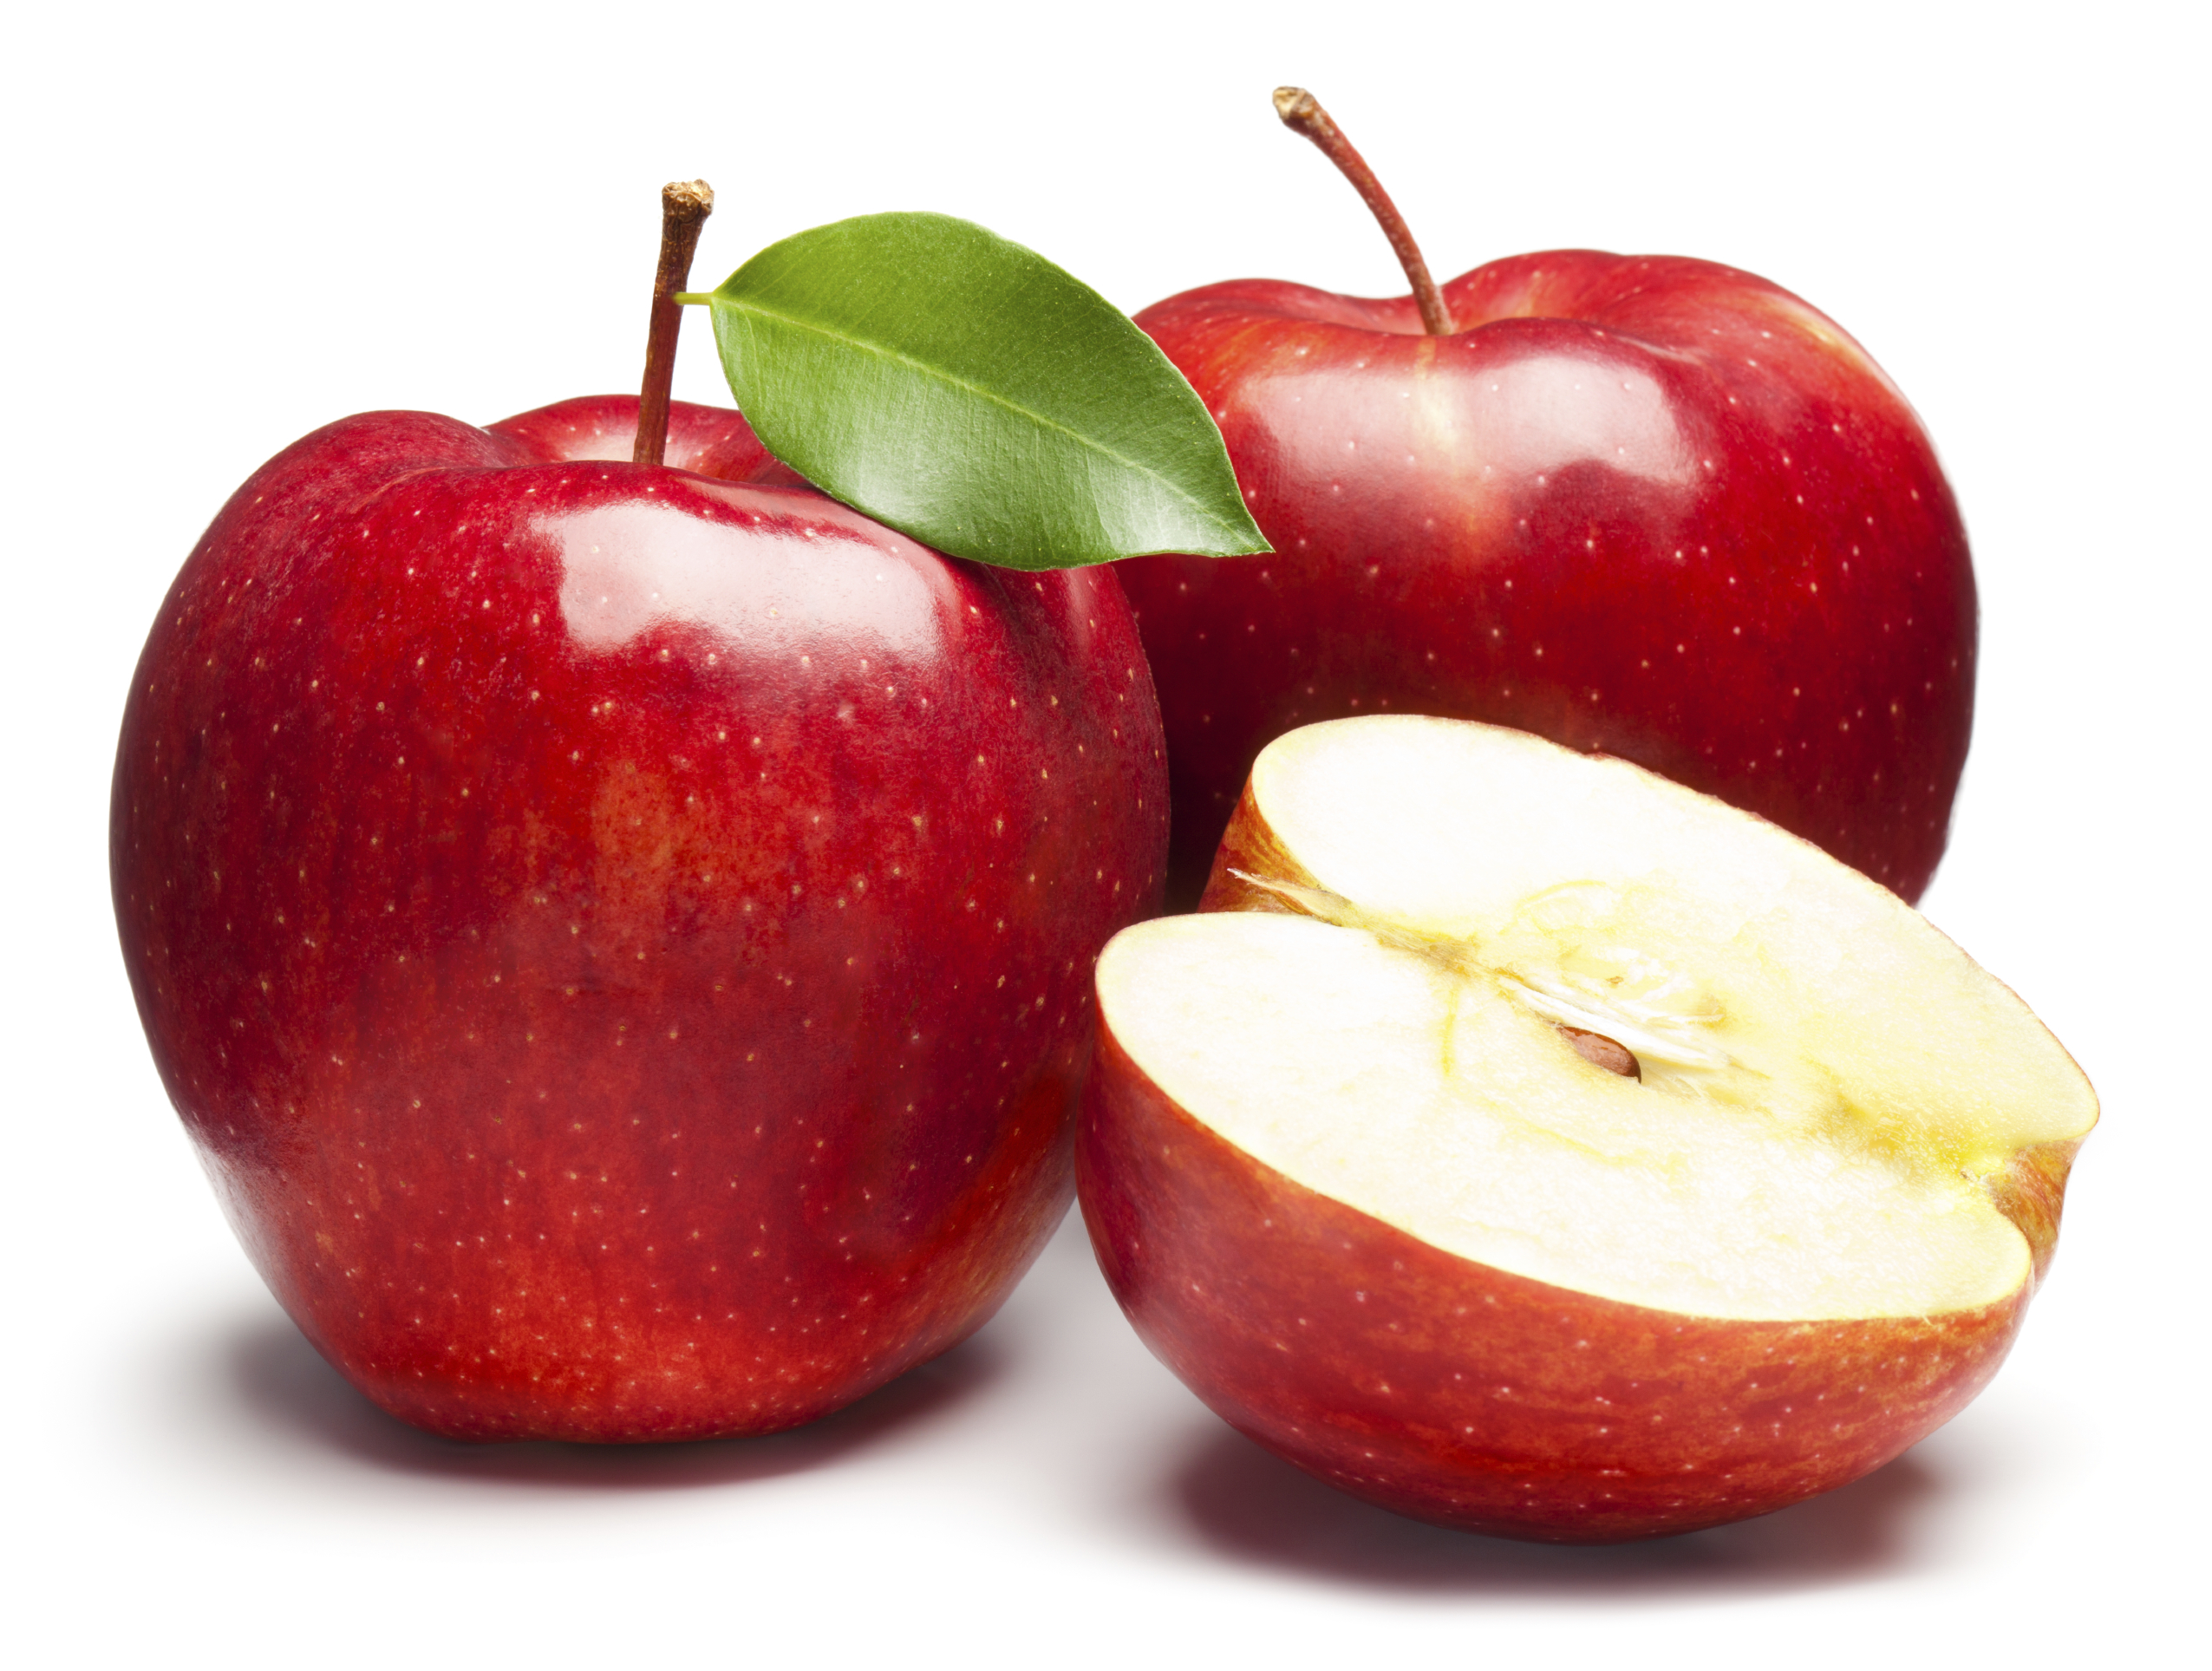 عکس سیب سلامت